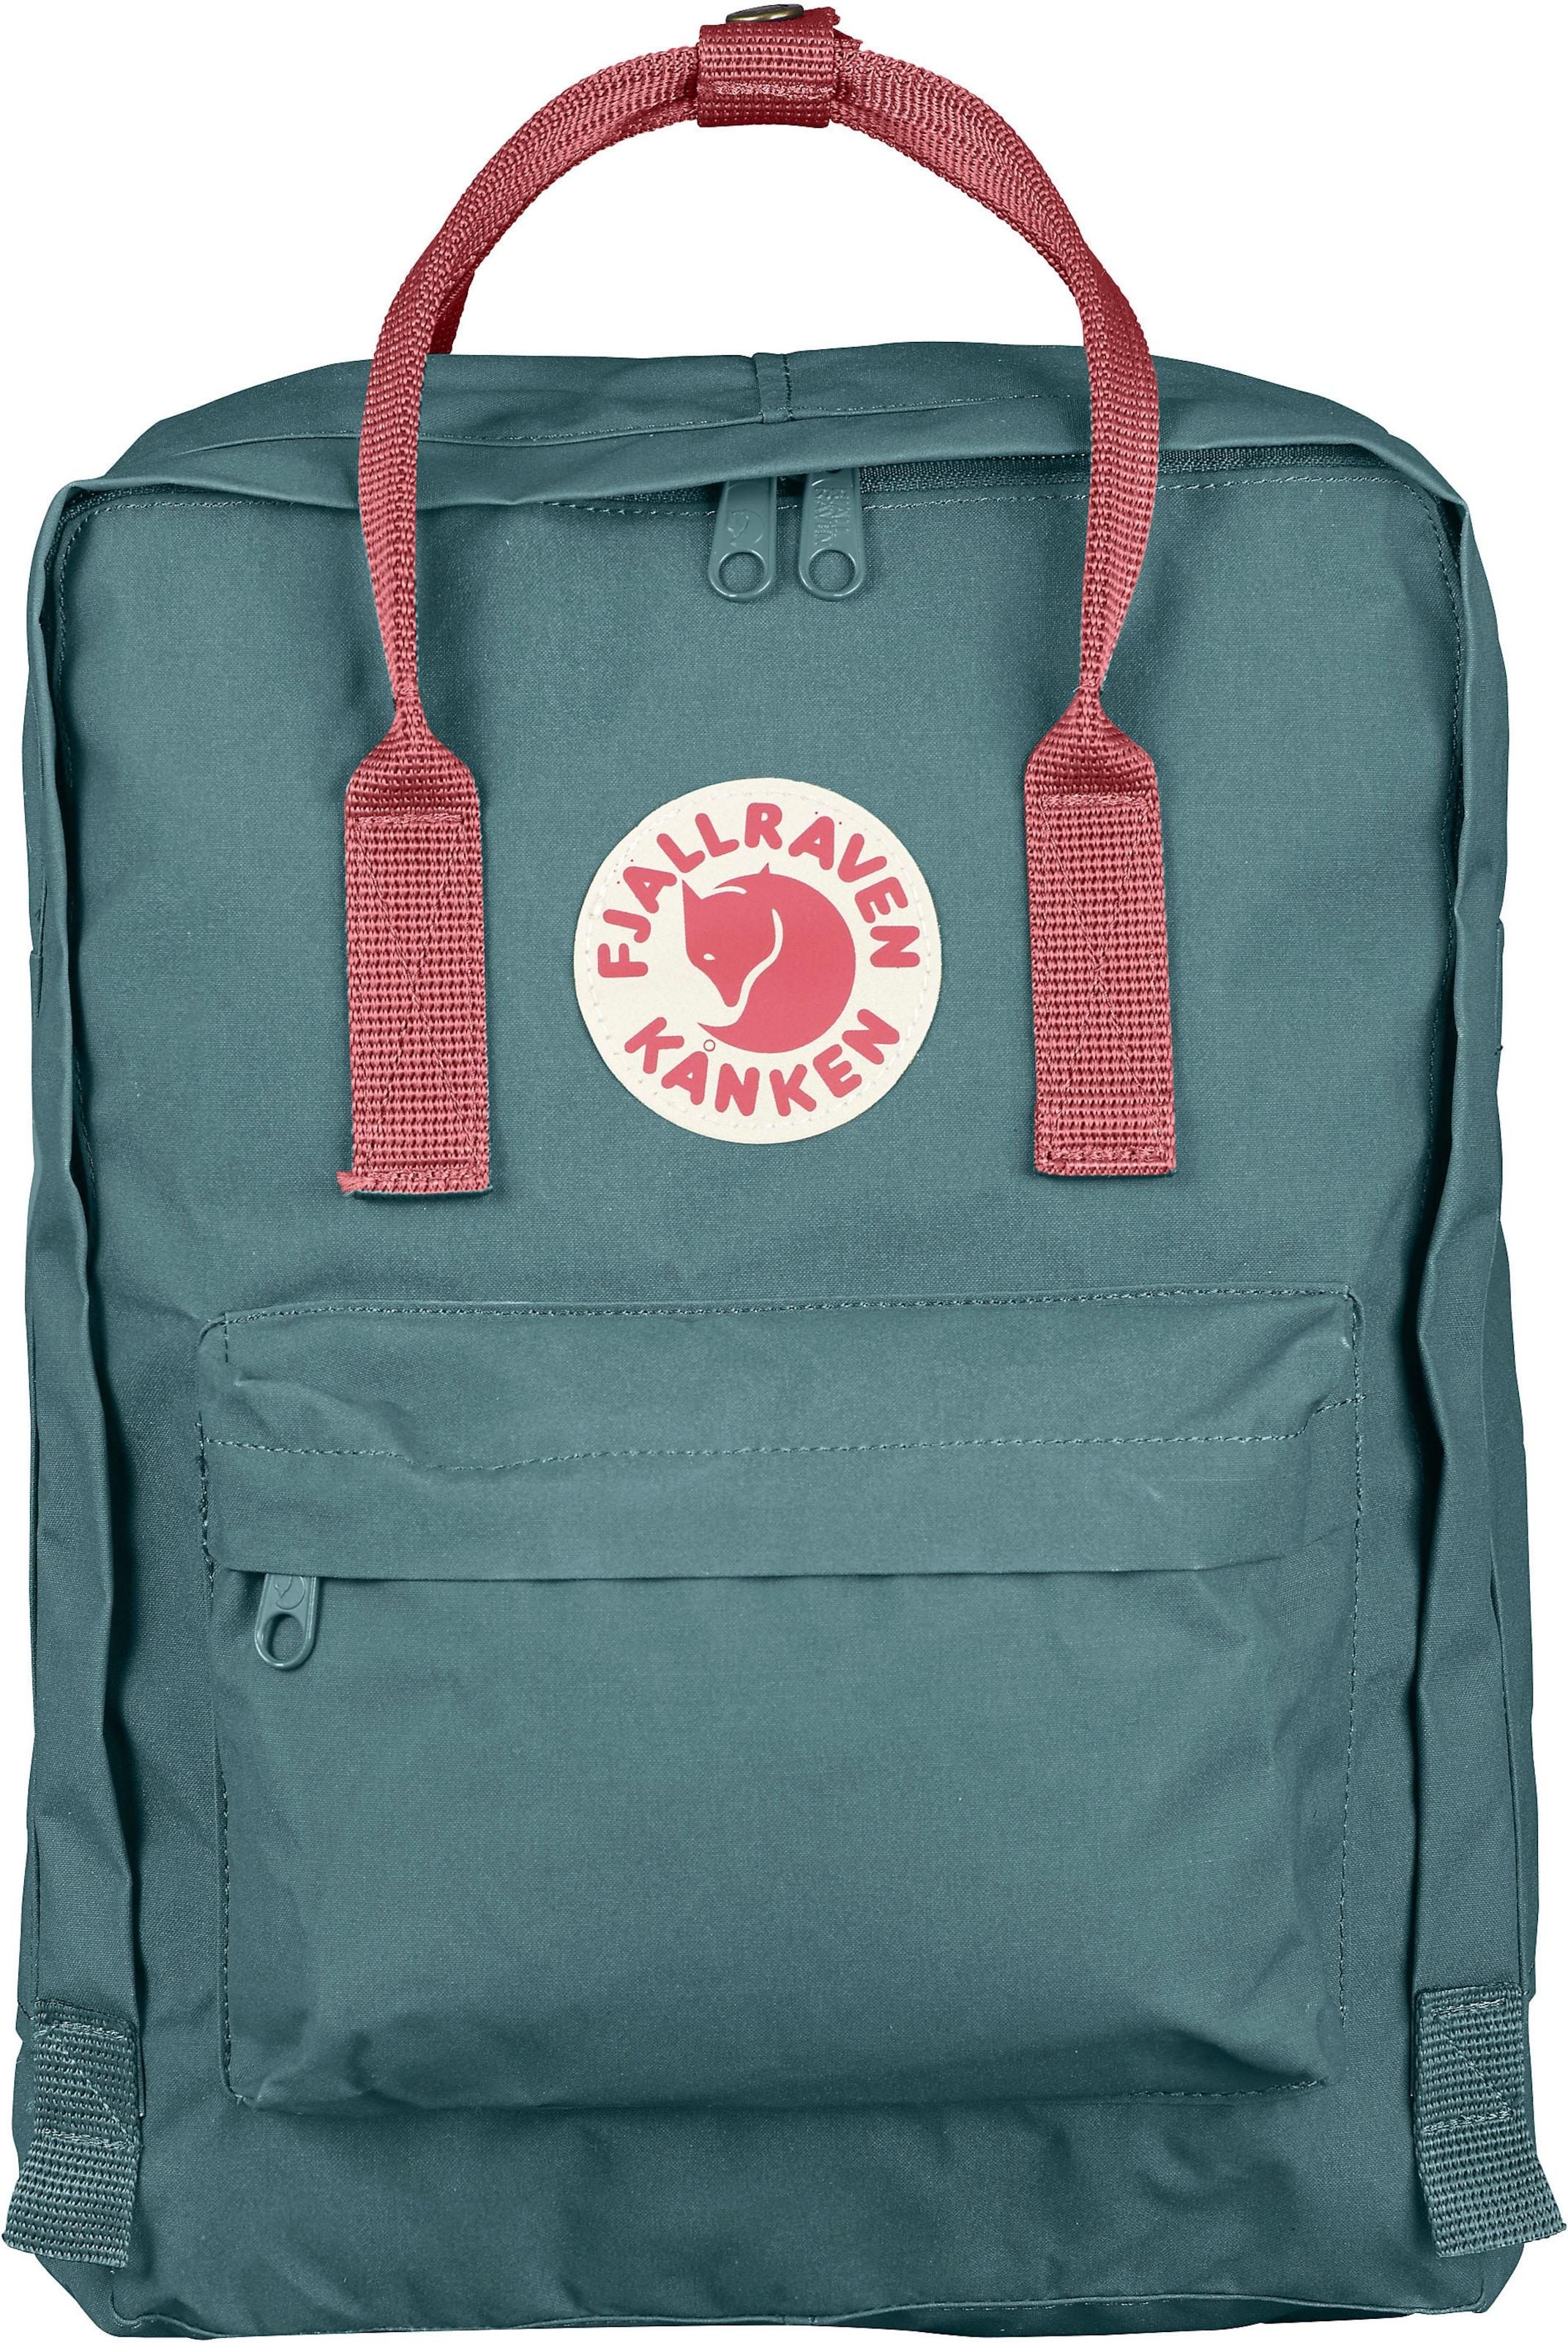 Verkauf Erstaunlicher Preis Fjällräven 'Kånken' Rucksack Backpack 38 cm Steckdose Countdown-Paket Spielraum Limitierte Auflage Spielraum Offiziellen ZWHHTuPhkk